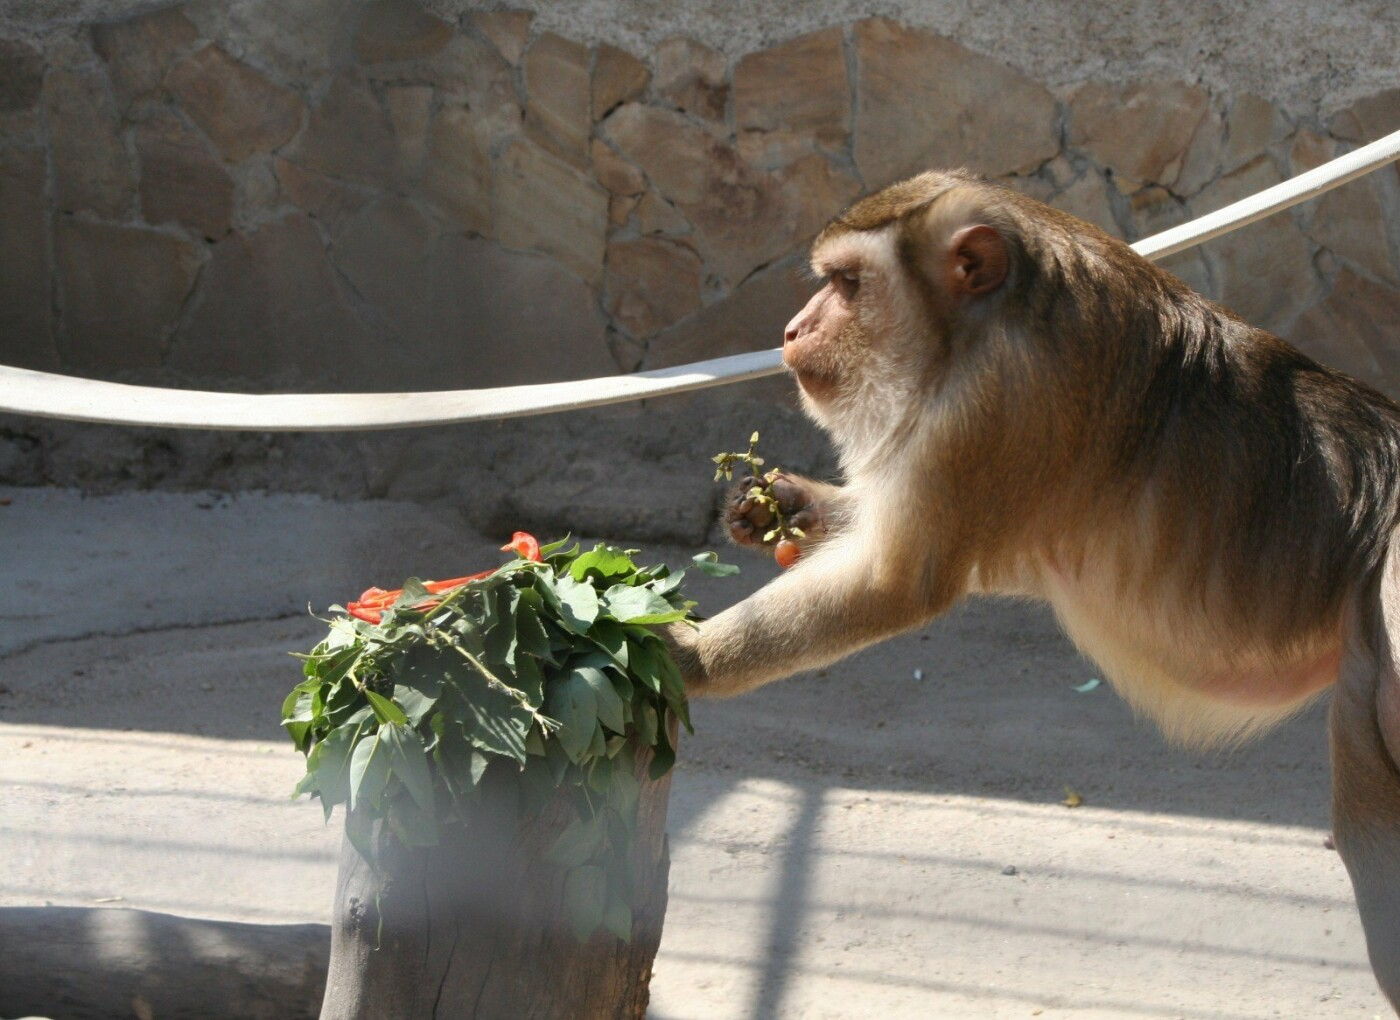 Одесскому зоопарку исполнилось 99 лет, как отмечали это событие горожане, - ФОТОРЕПОРТАЖ , фото-6